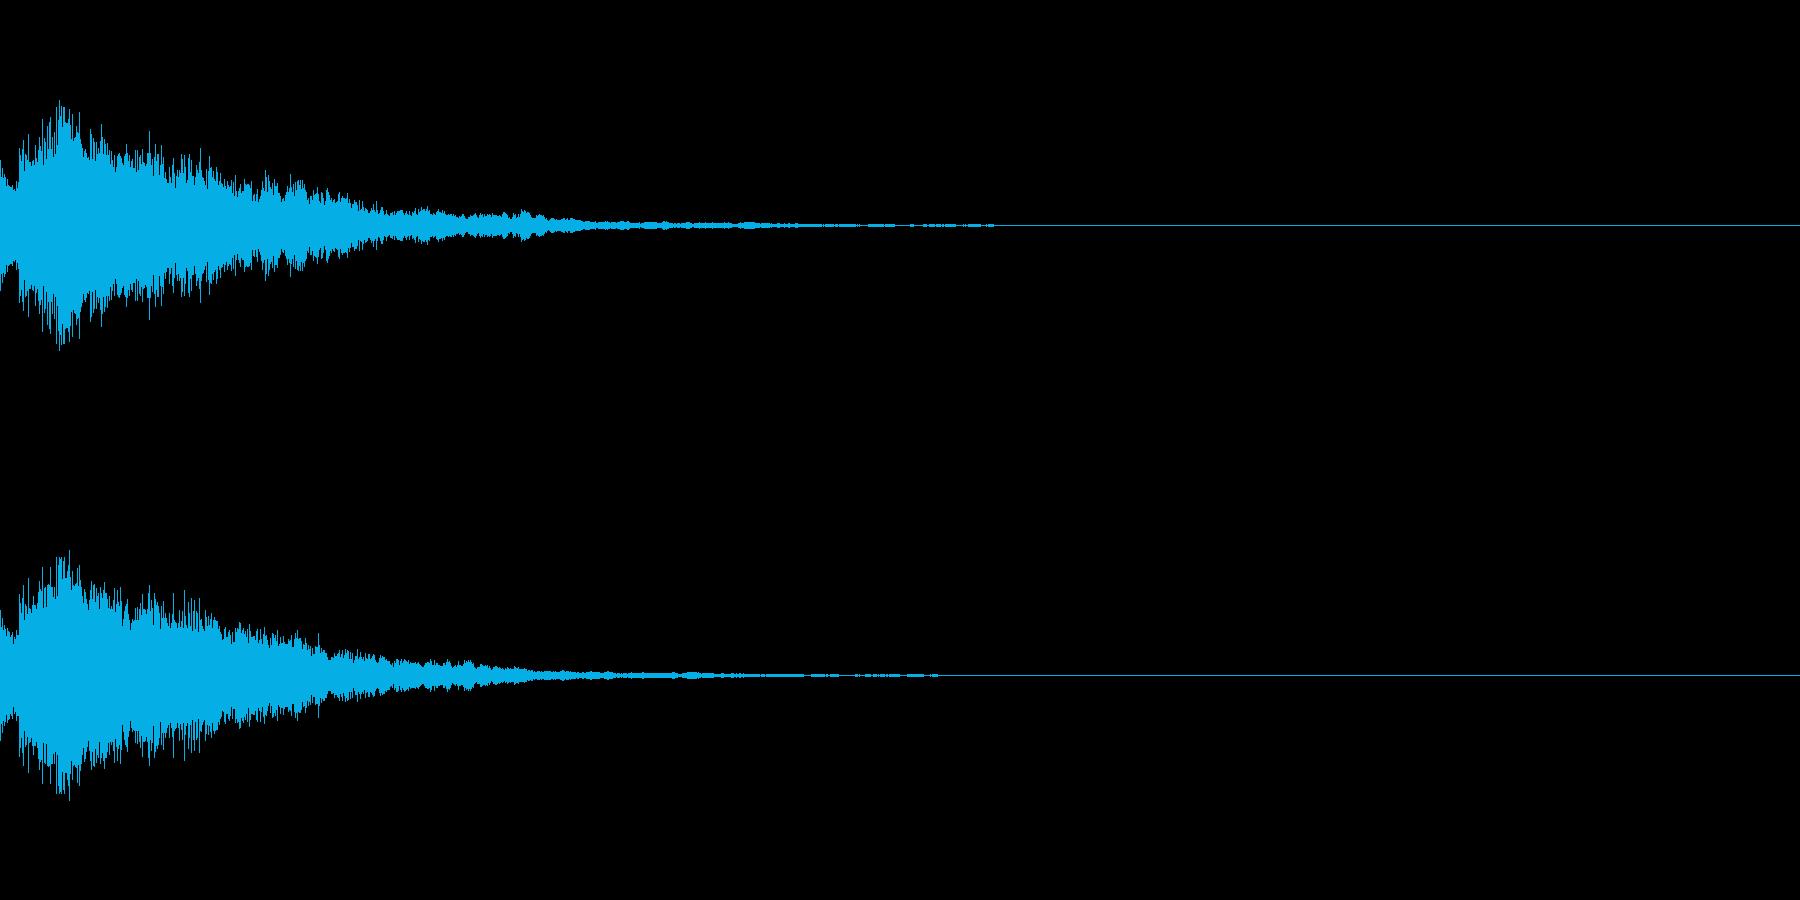 システム起動音_その2の再生済みの波形